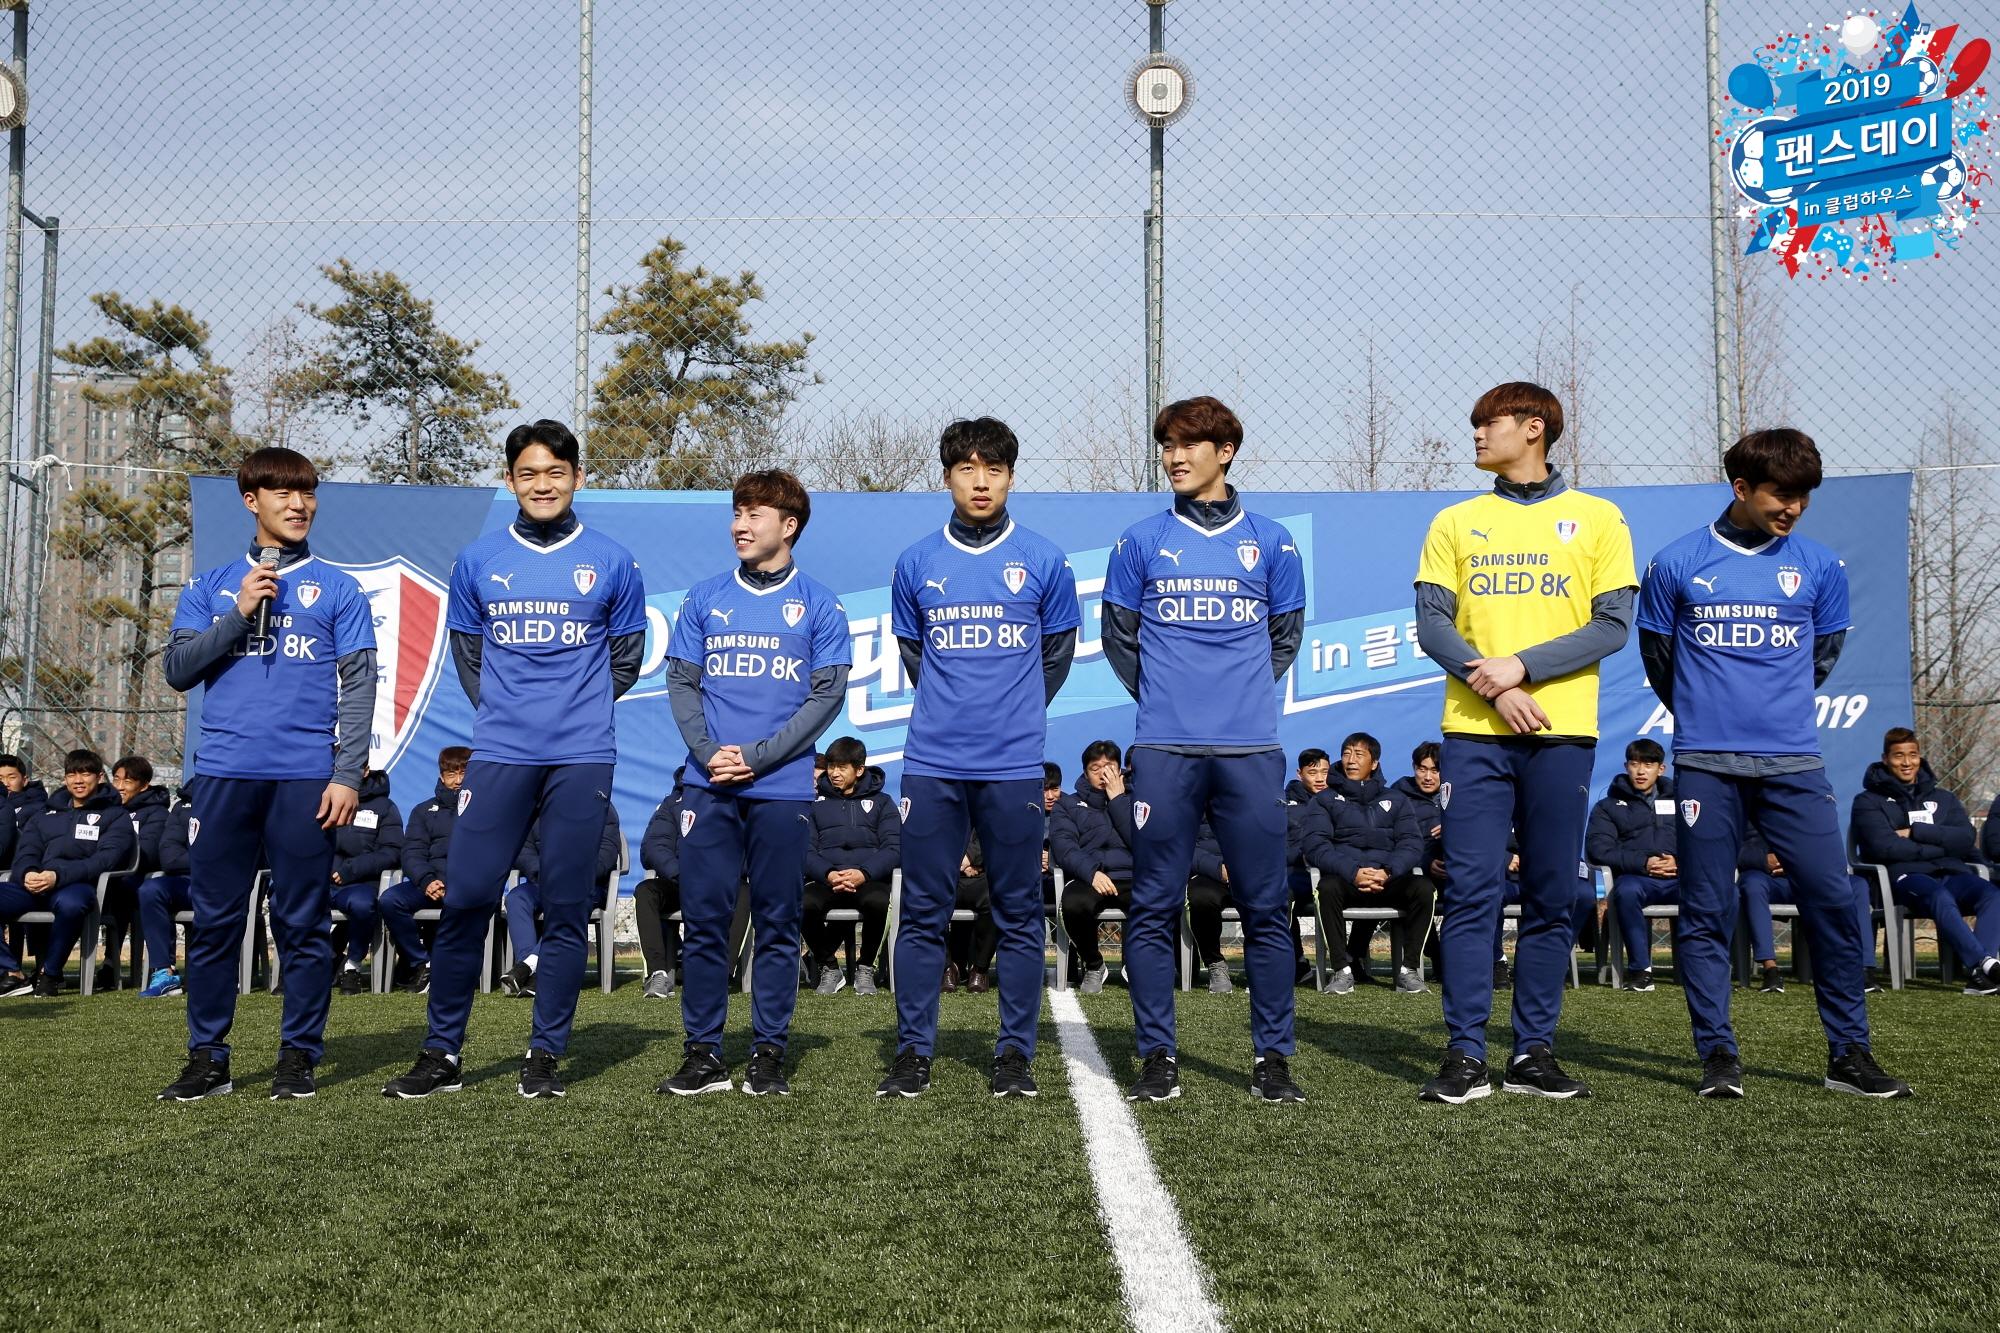 2019-0223-팬즈데이-0594.JPG